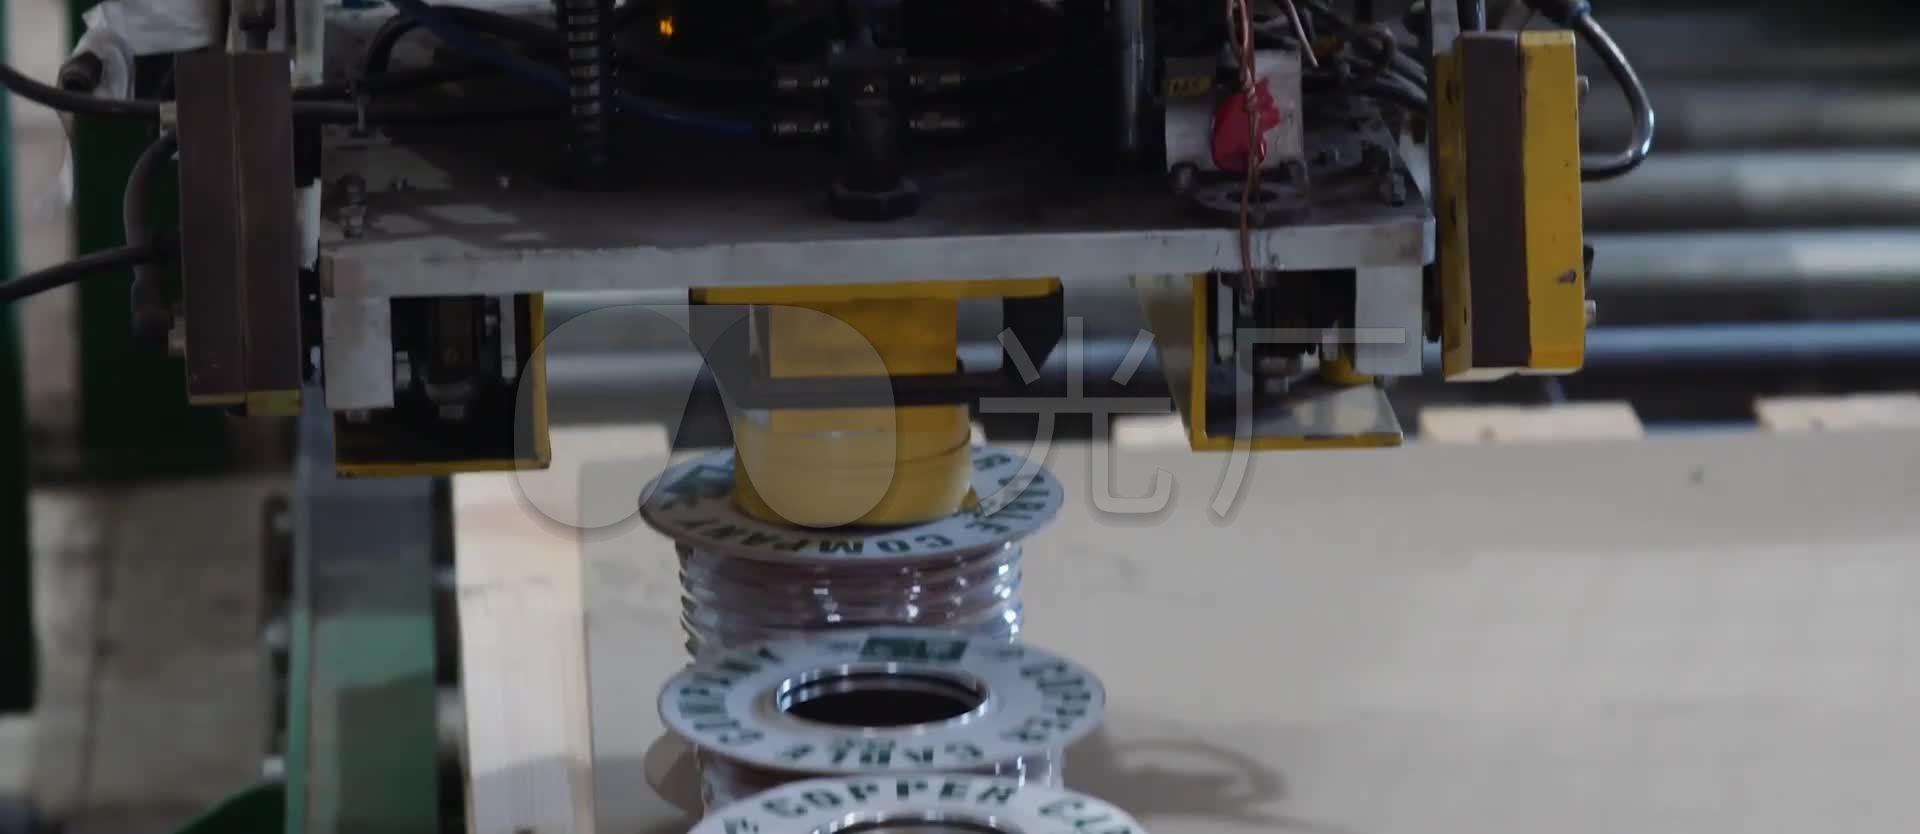 工业电力电线电缆电线工厂生产加工制造